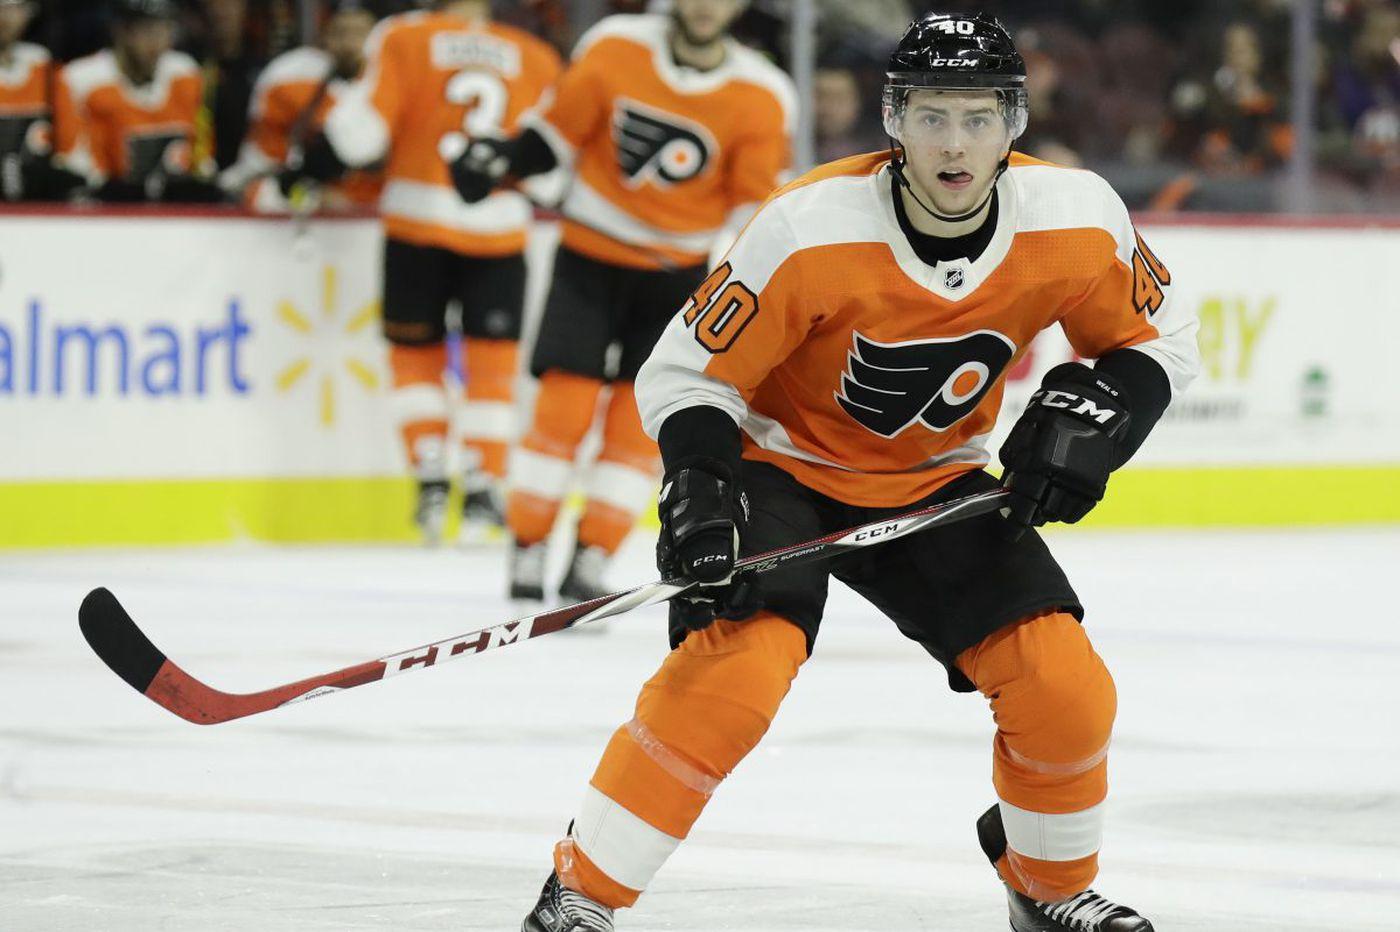 Flyers' Jordan Weal trying to regain scoring touch on familiar line